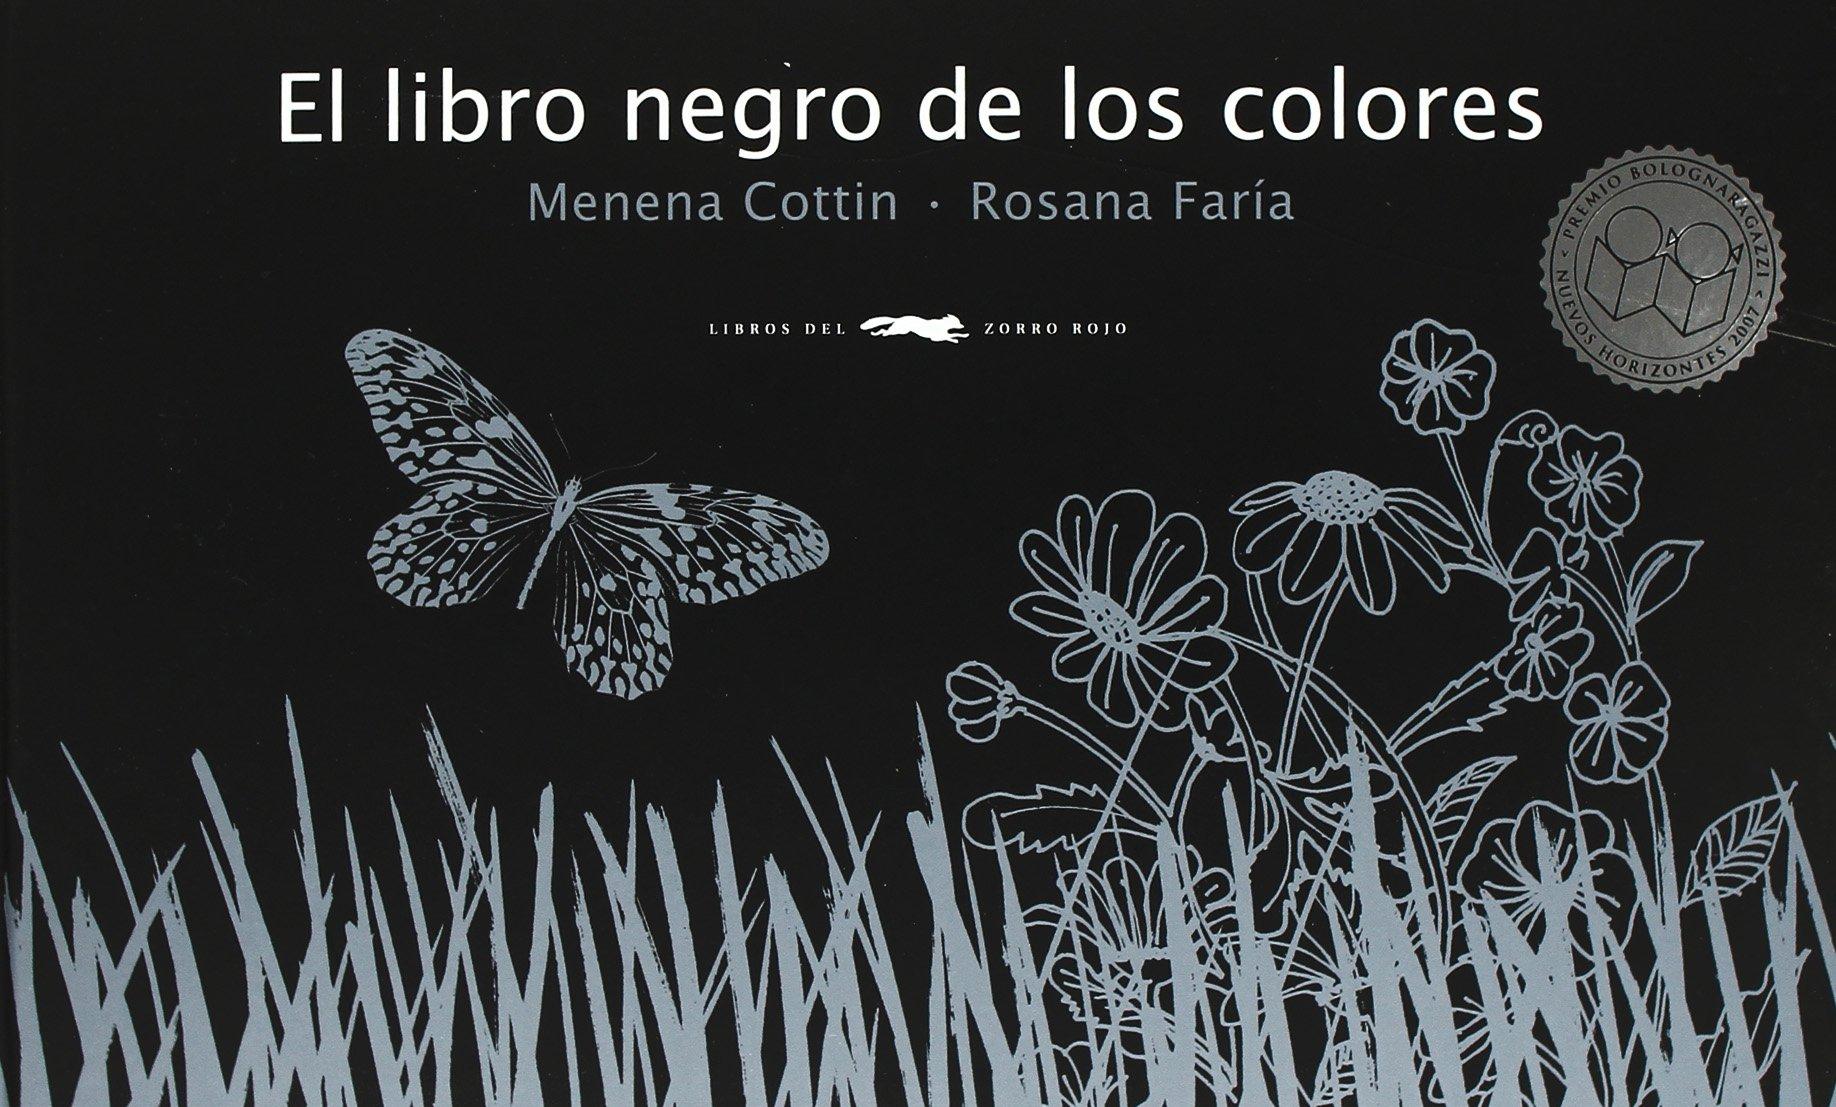 Resultado de imaxes para el libro negro de los colores